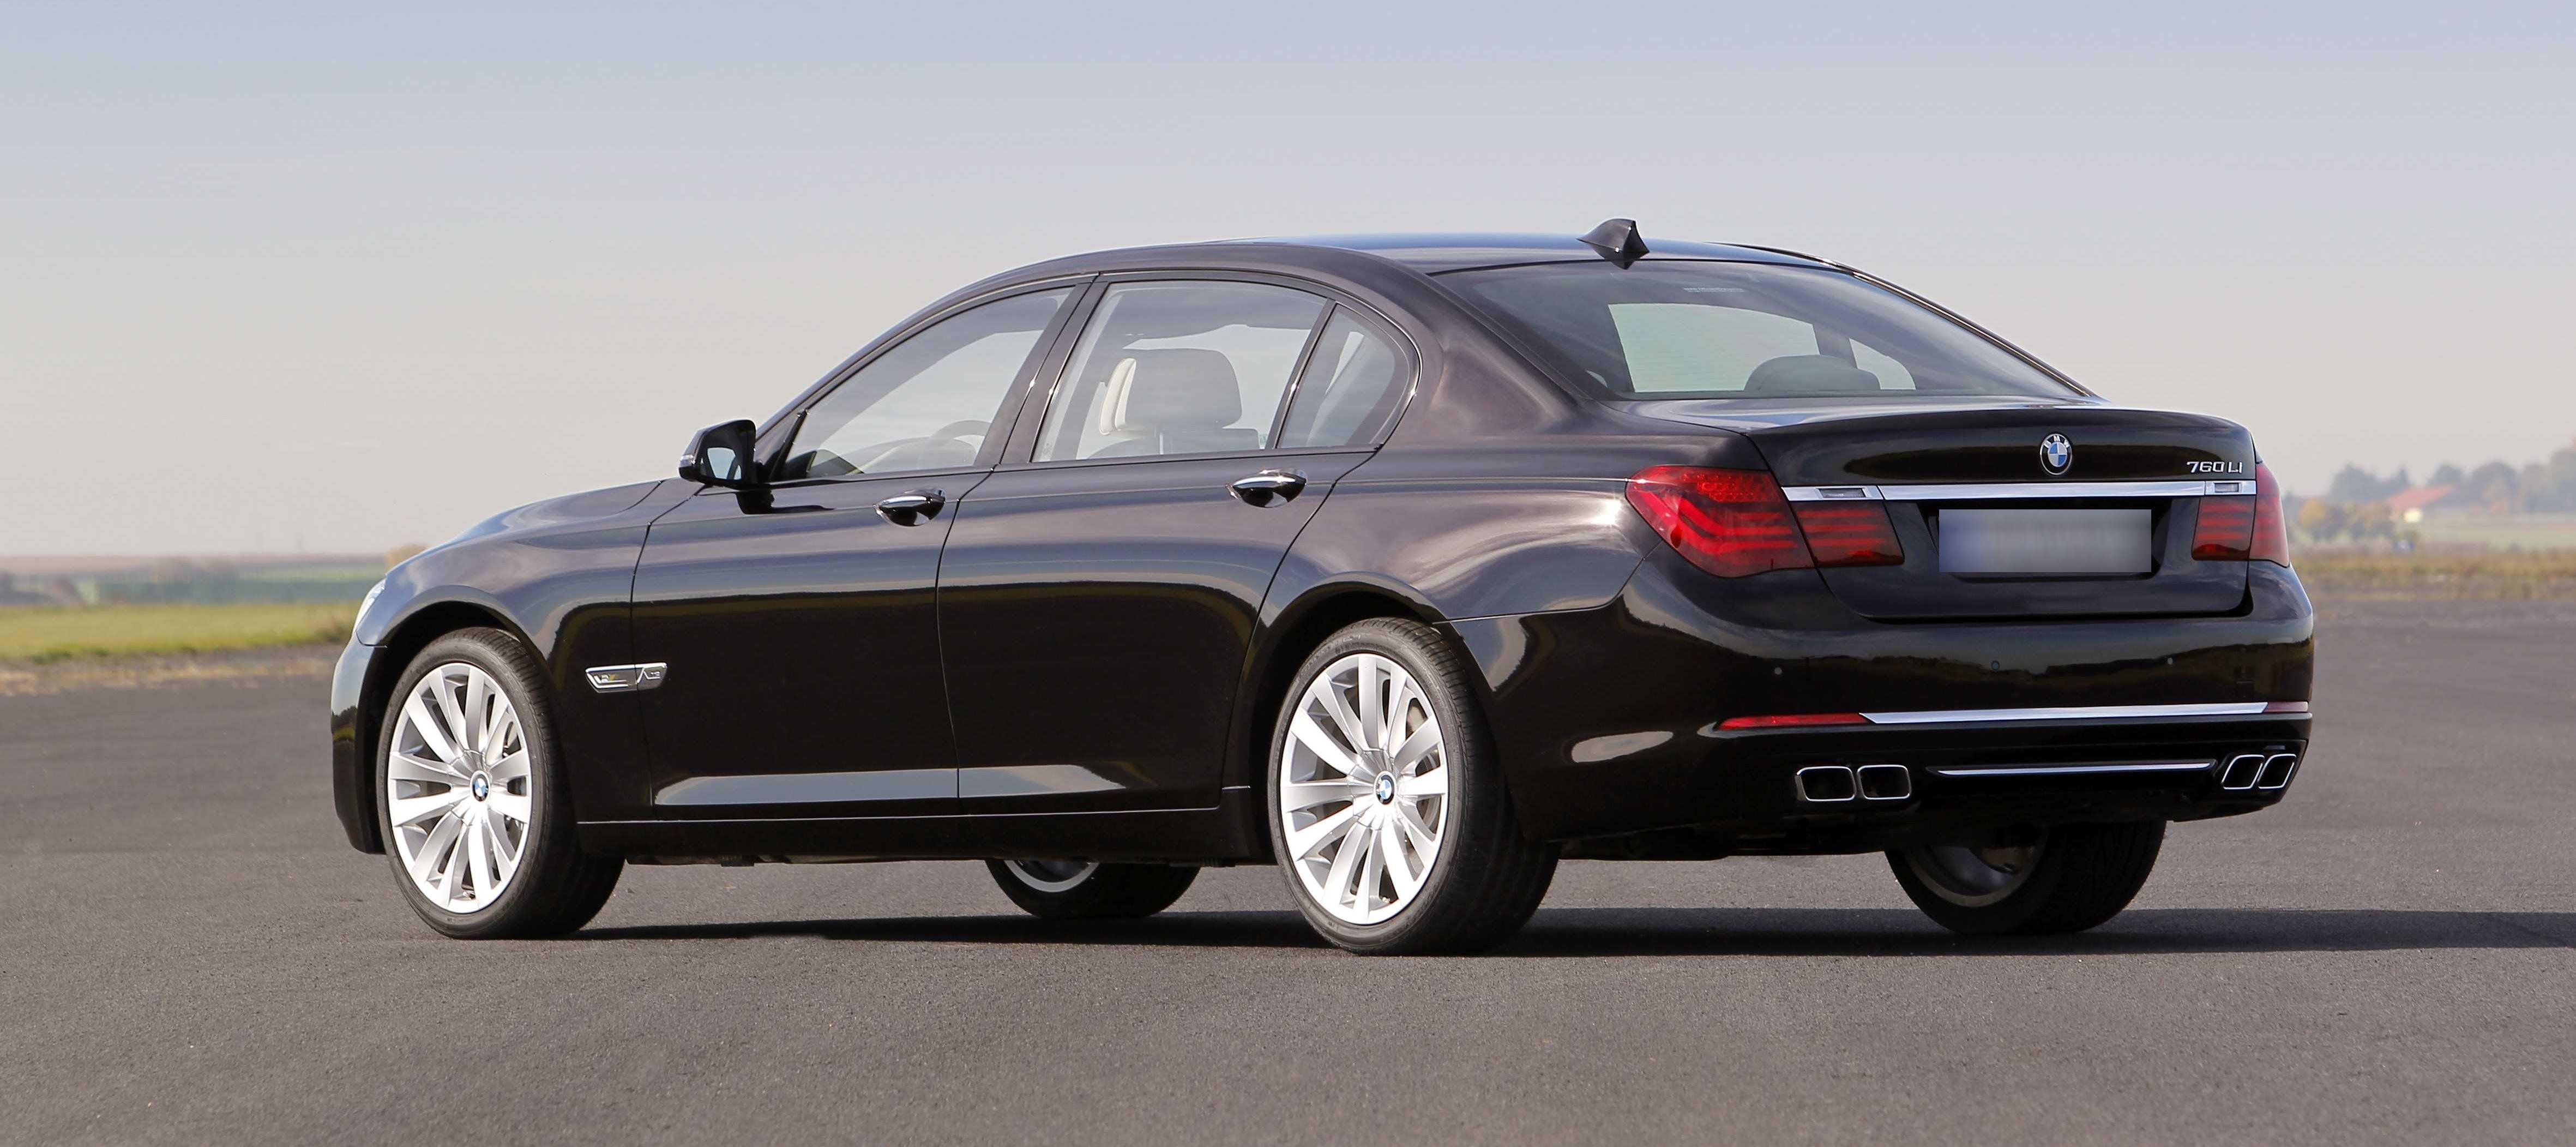 BMW 760I – 2012 GUARD B6/B7